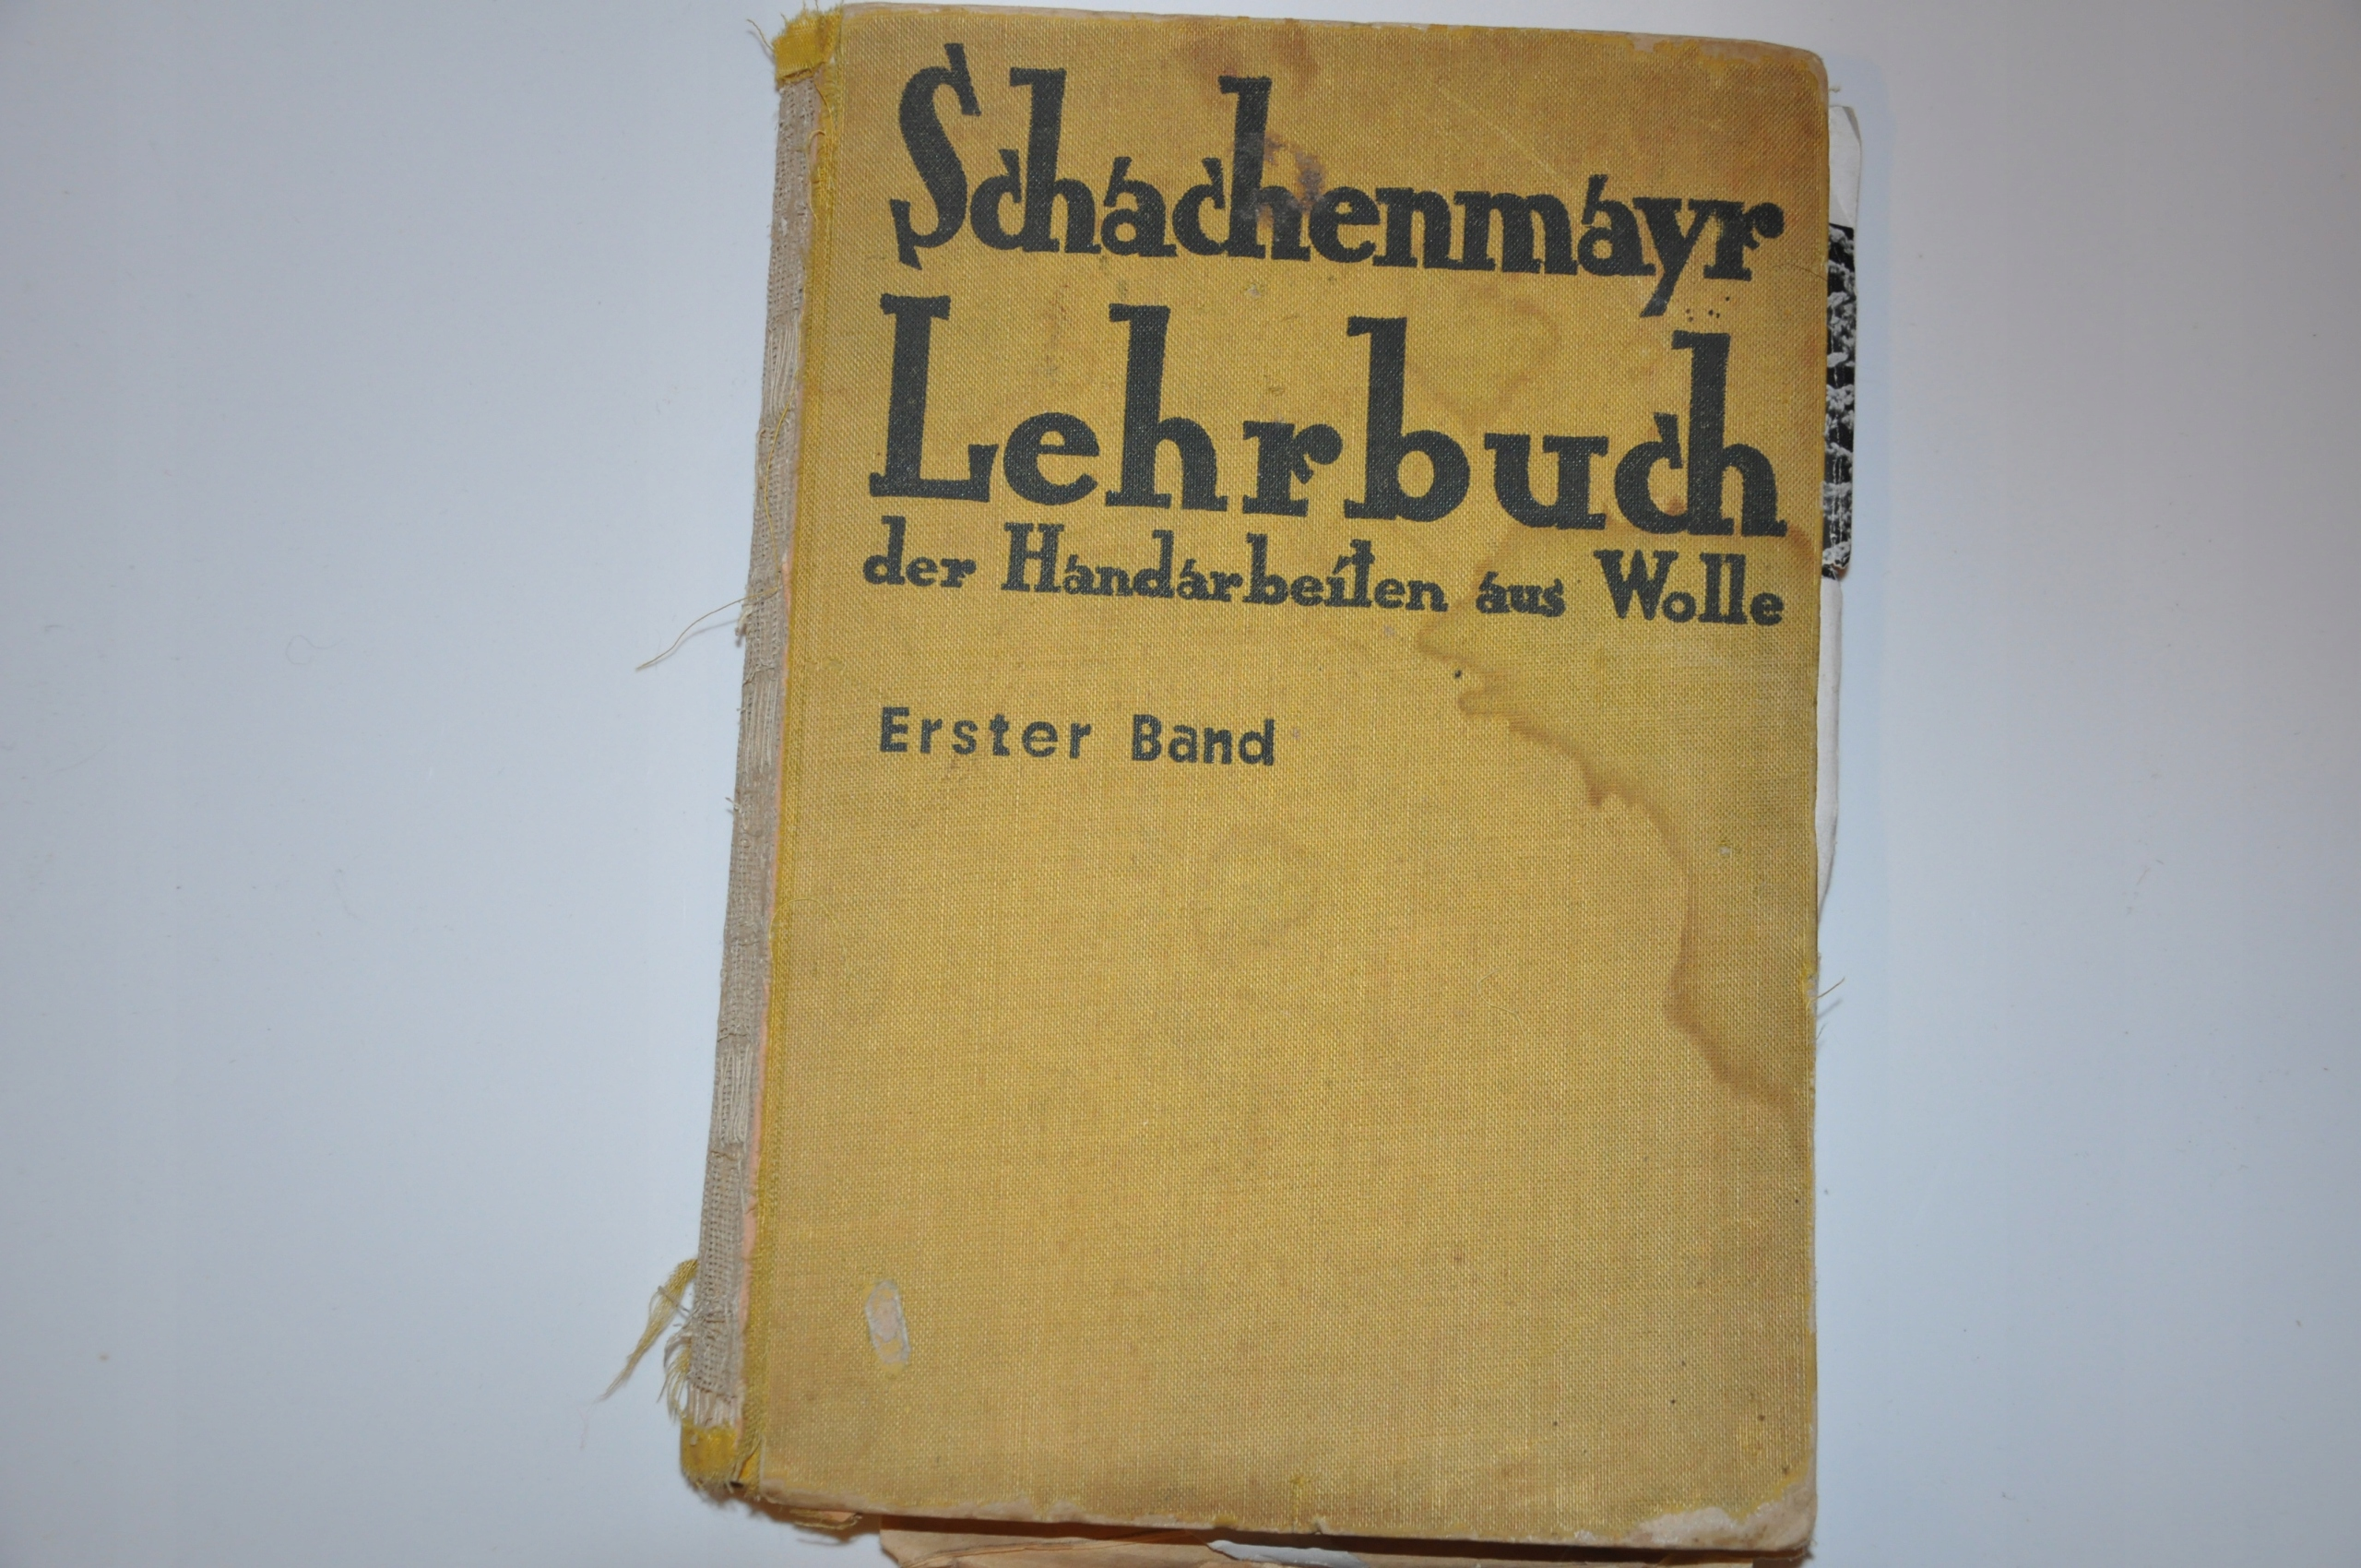 Schachenmayr Lehrbuch der Handarbeiten1933 robótki